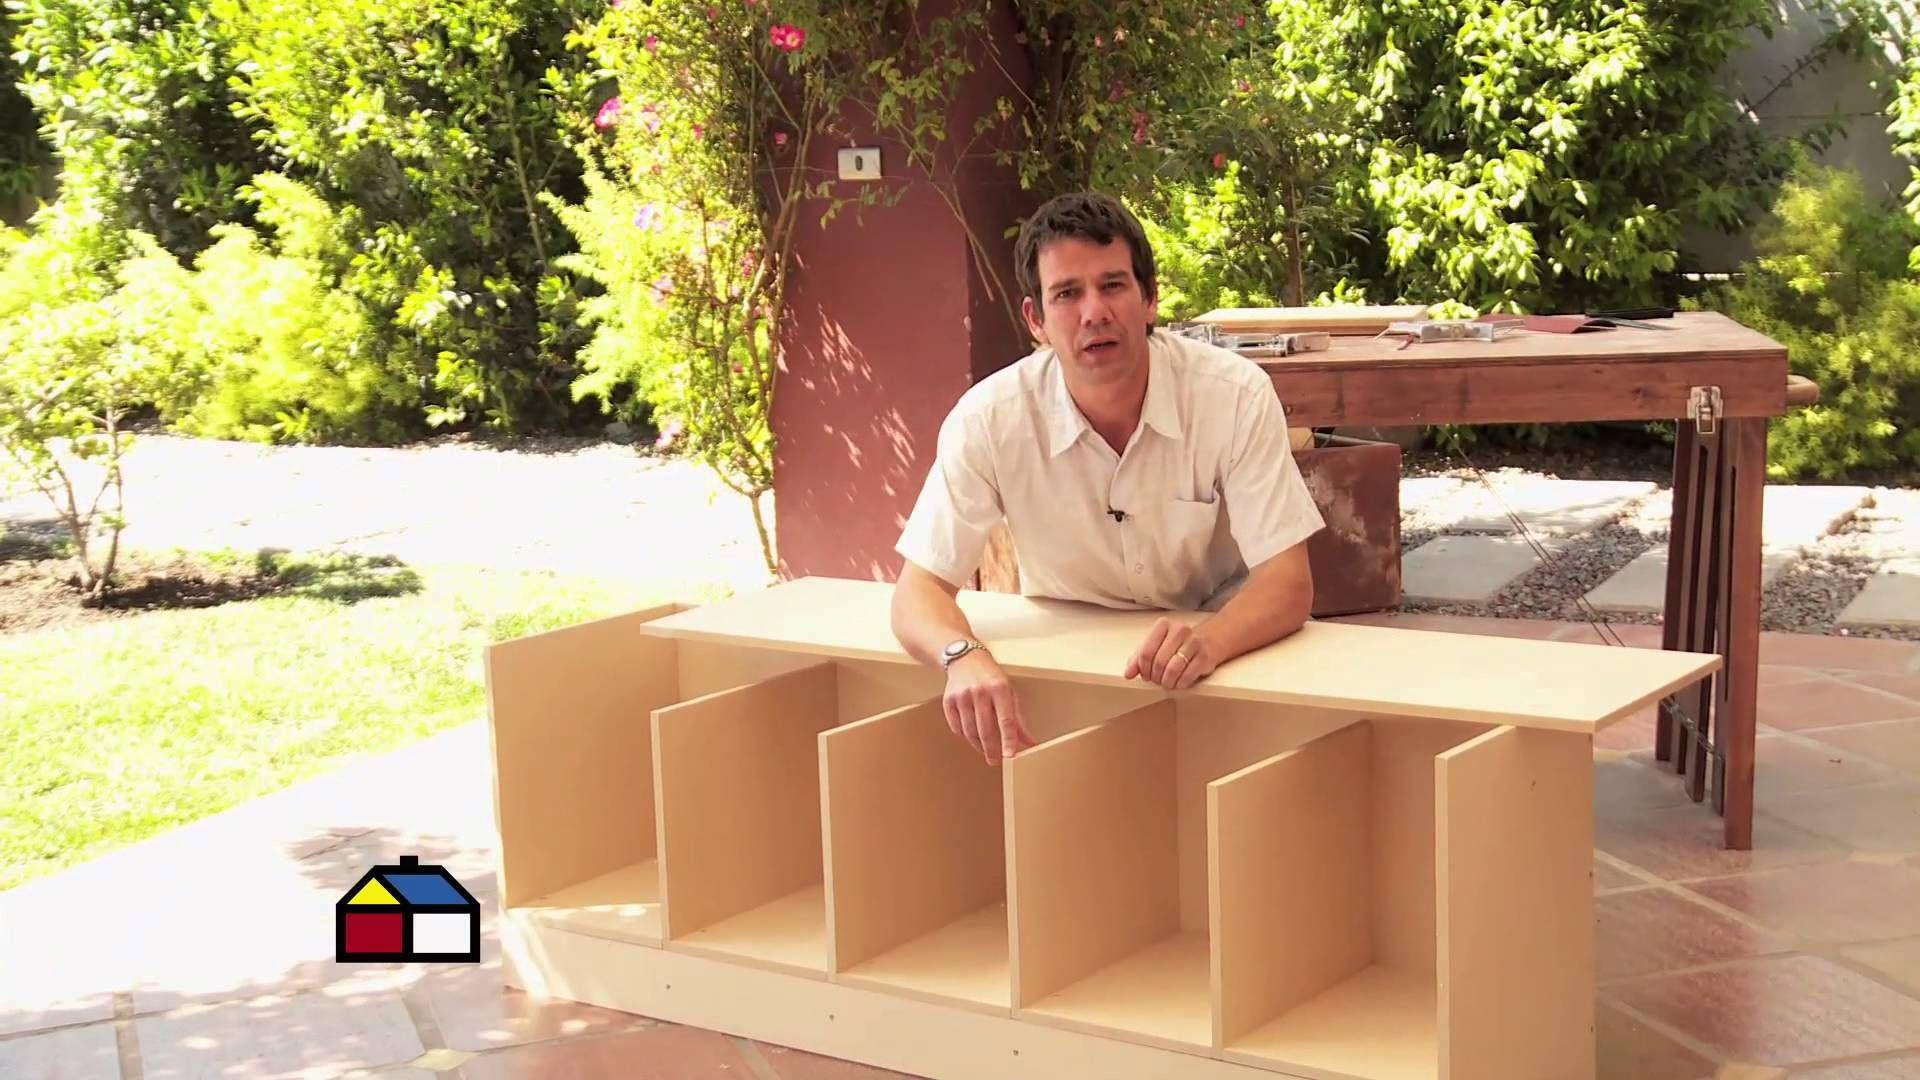 Cómo construir una banqueta estantería de cama? | Pie de cama mueble, Como  hacer closet, Cama estantería